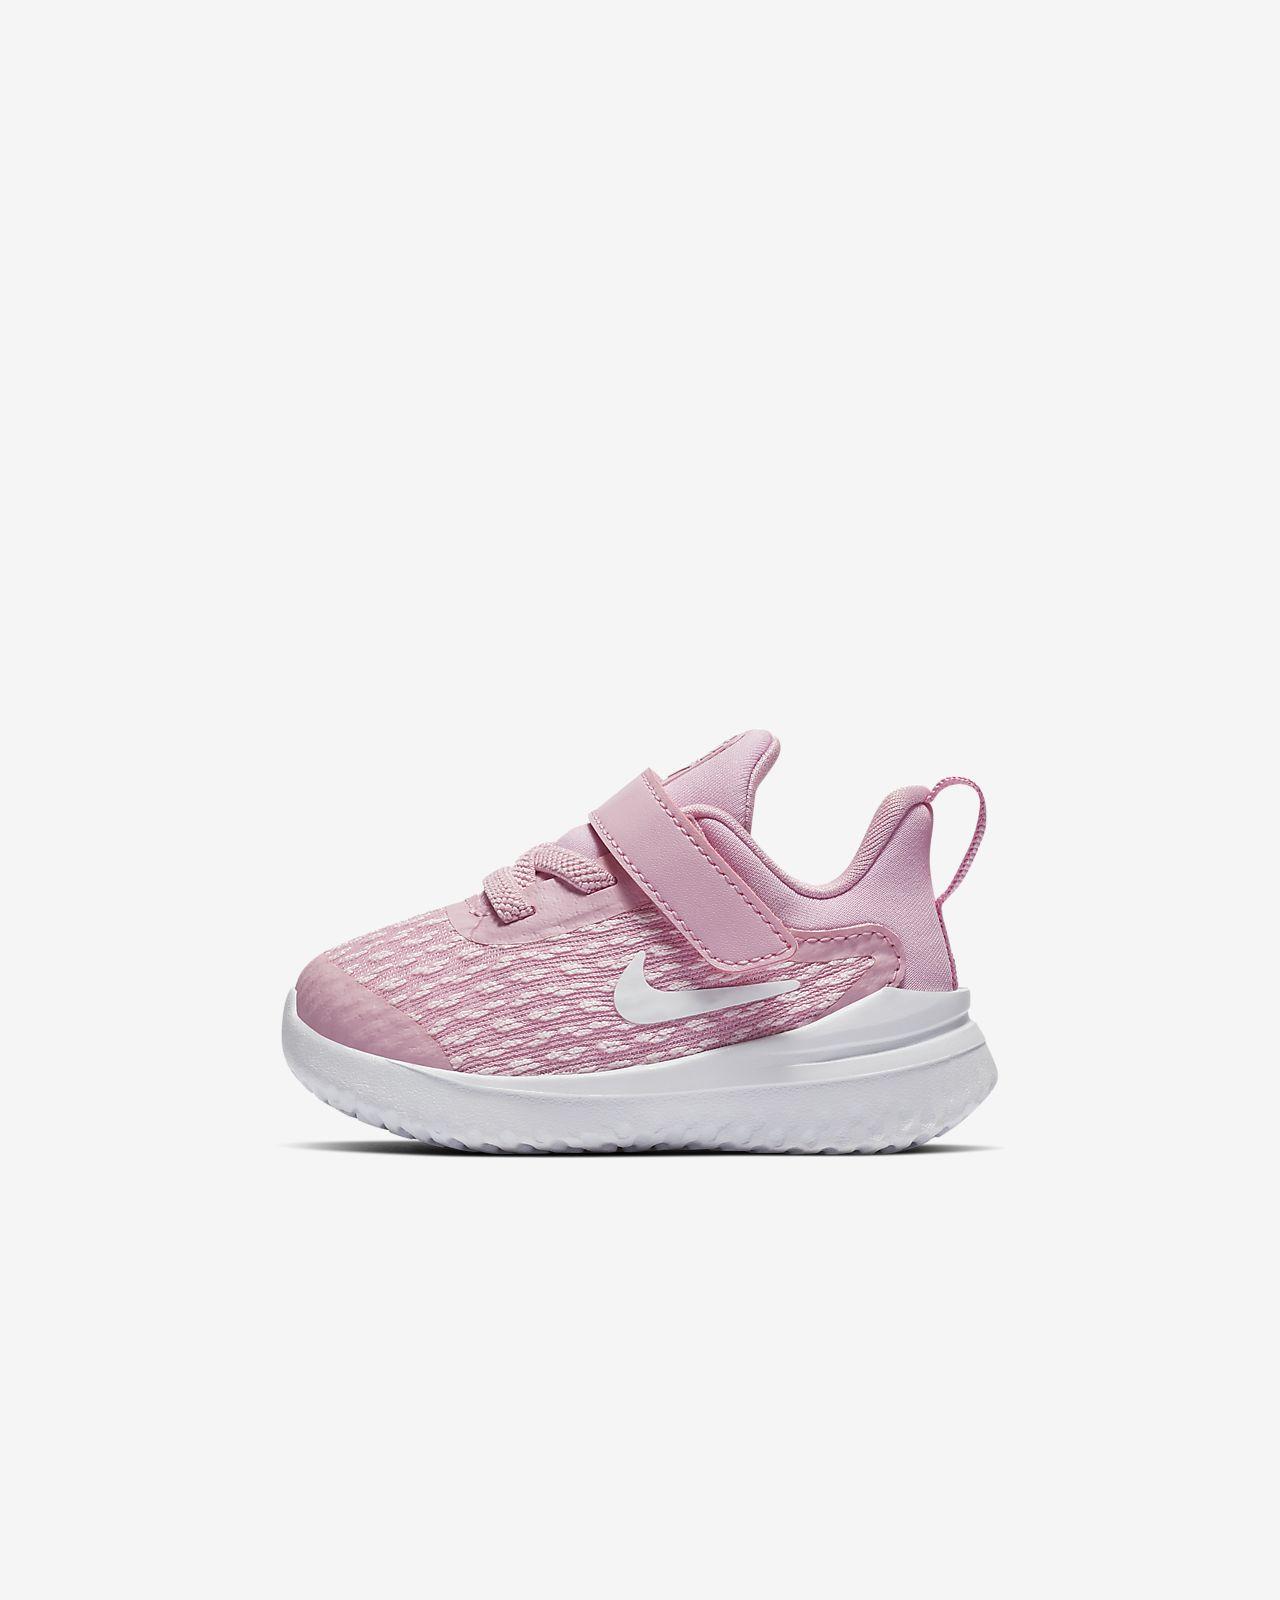 Calzado para bebé e infantil Nike Rival